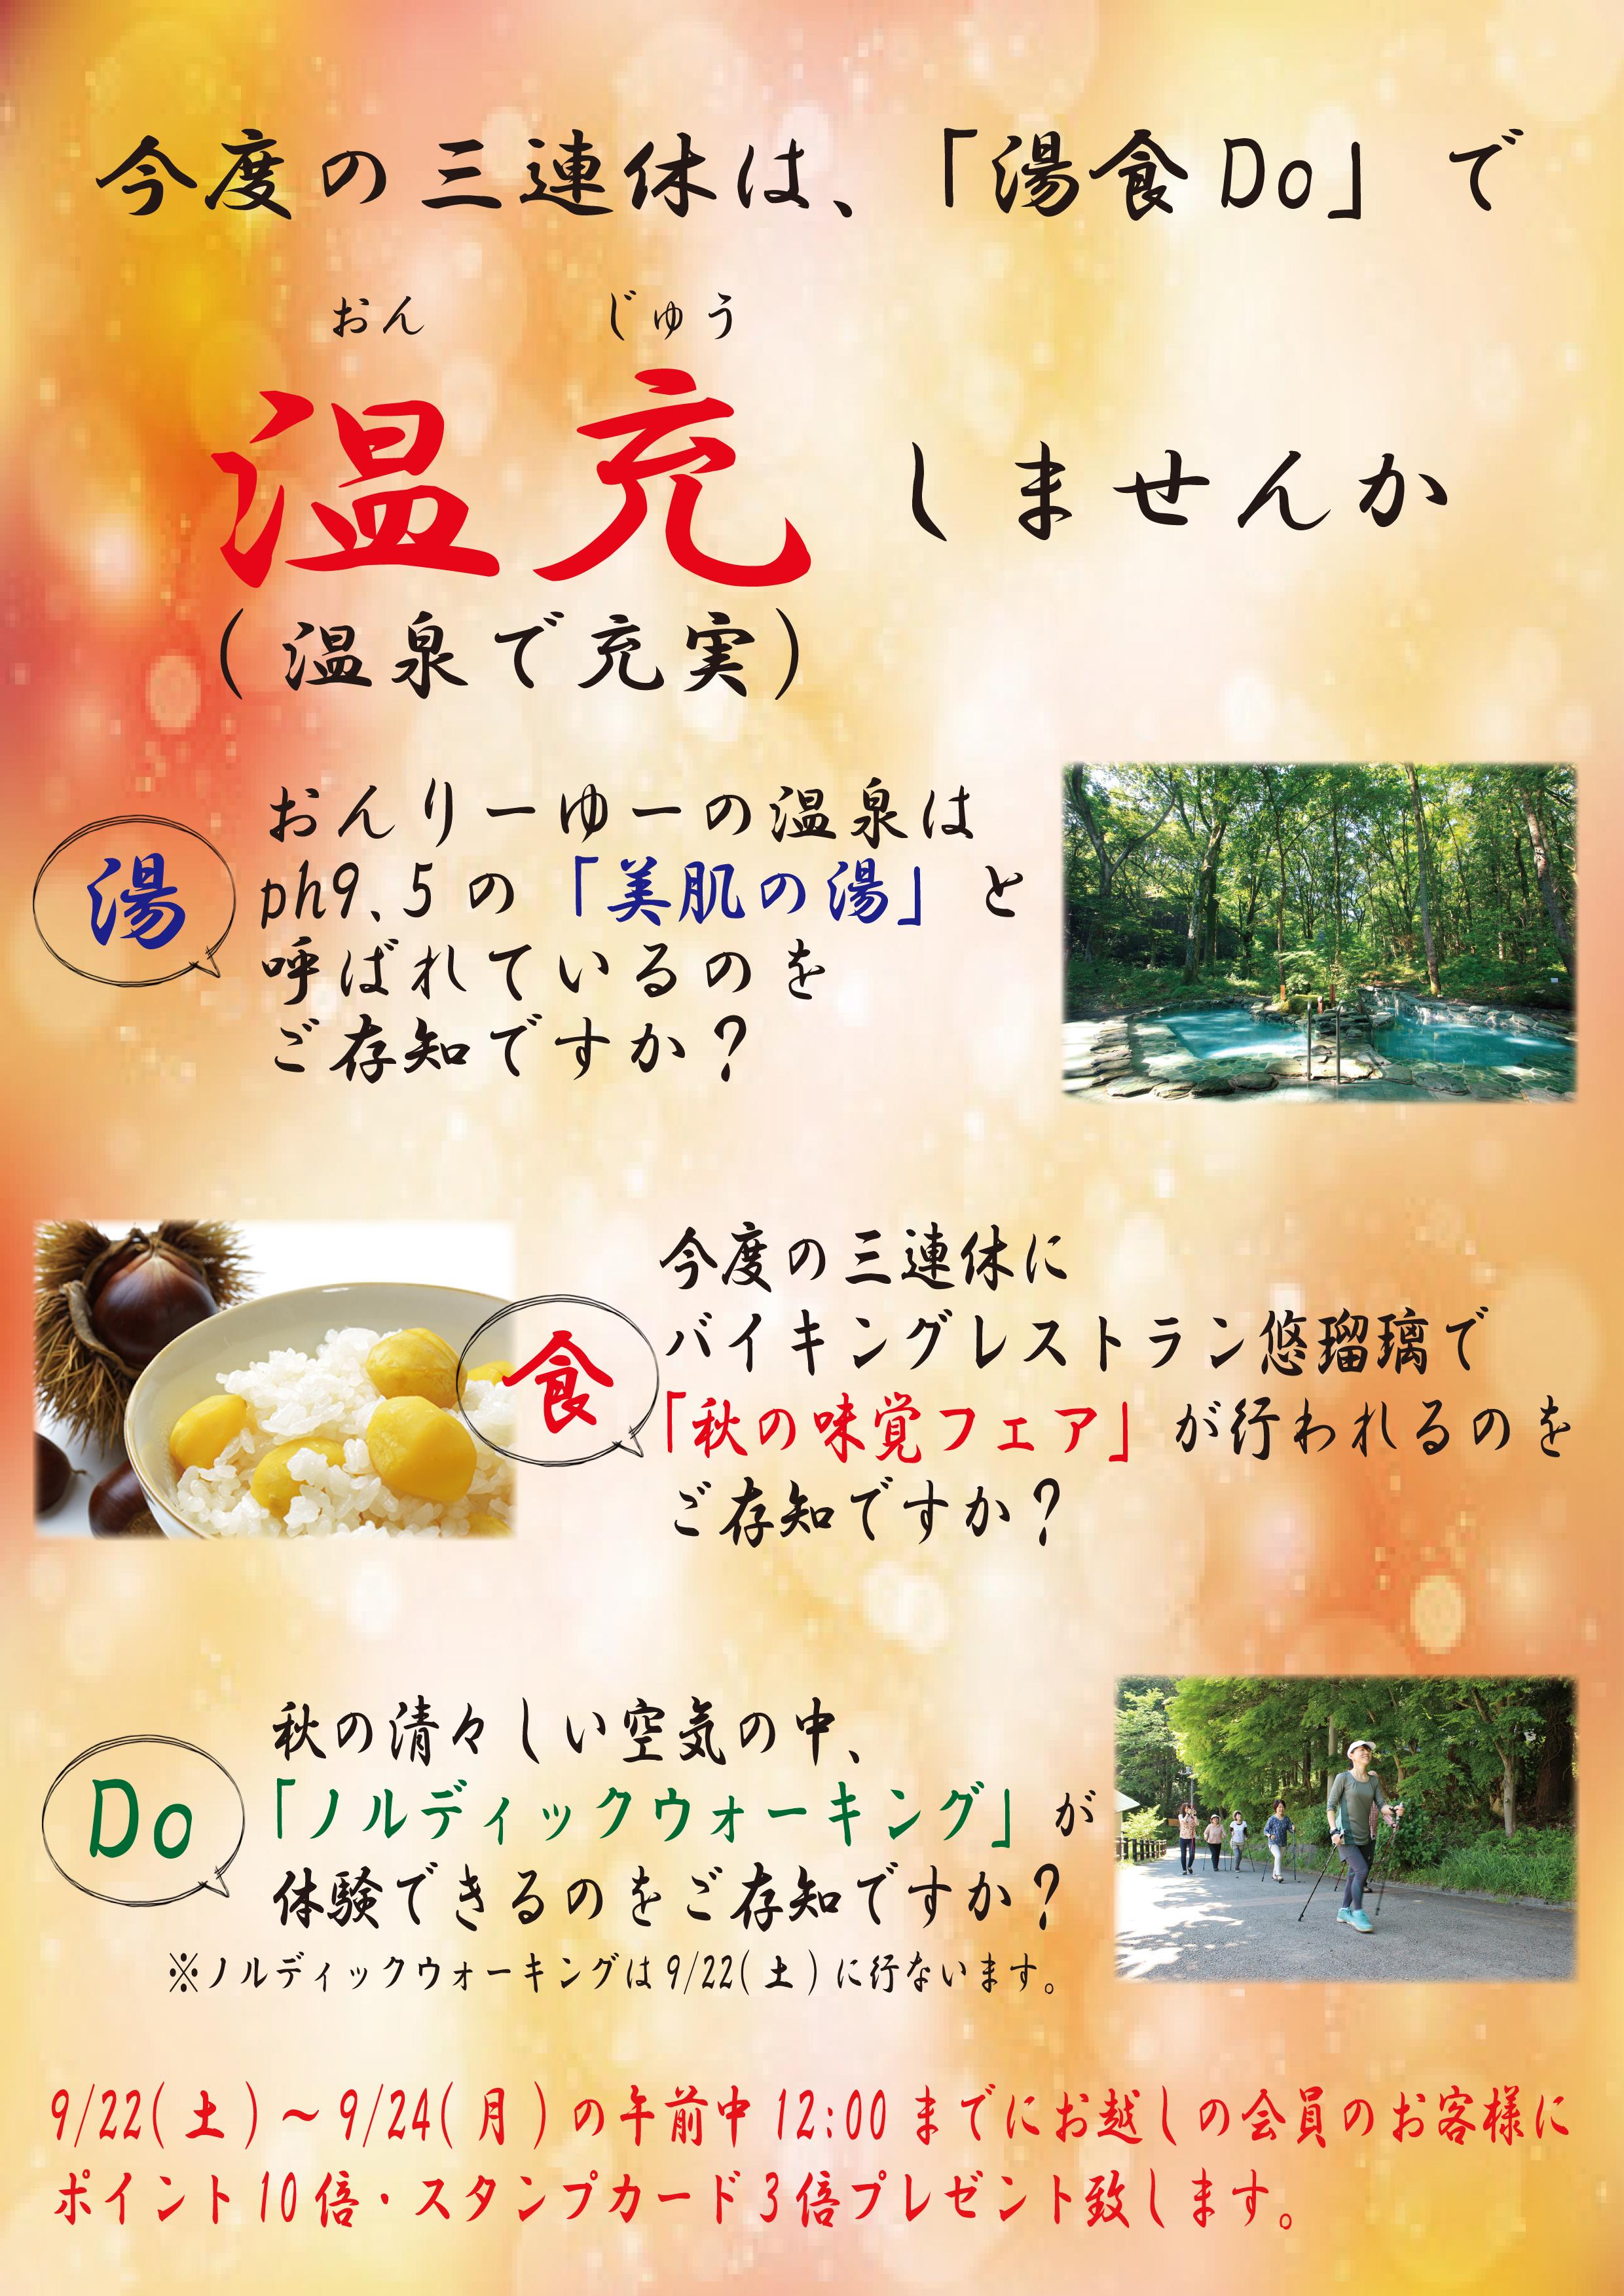 9月22日~24日 3連休イベント